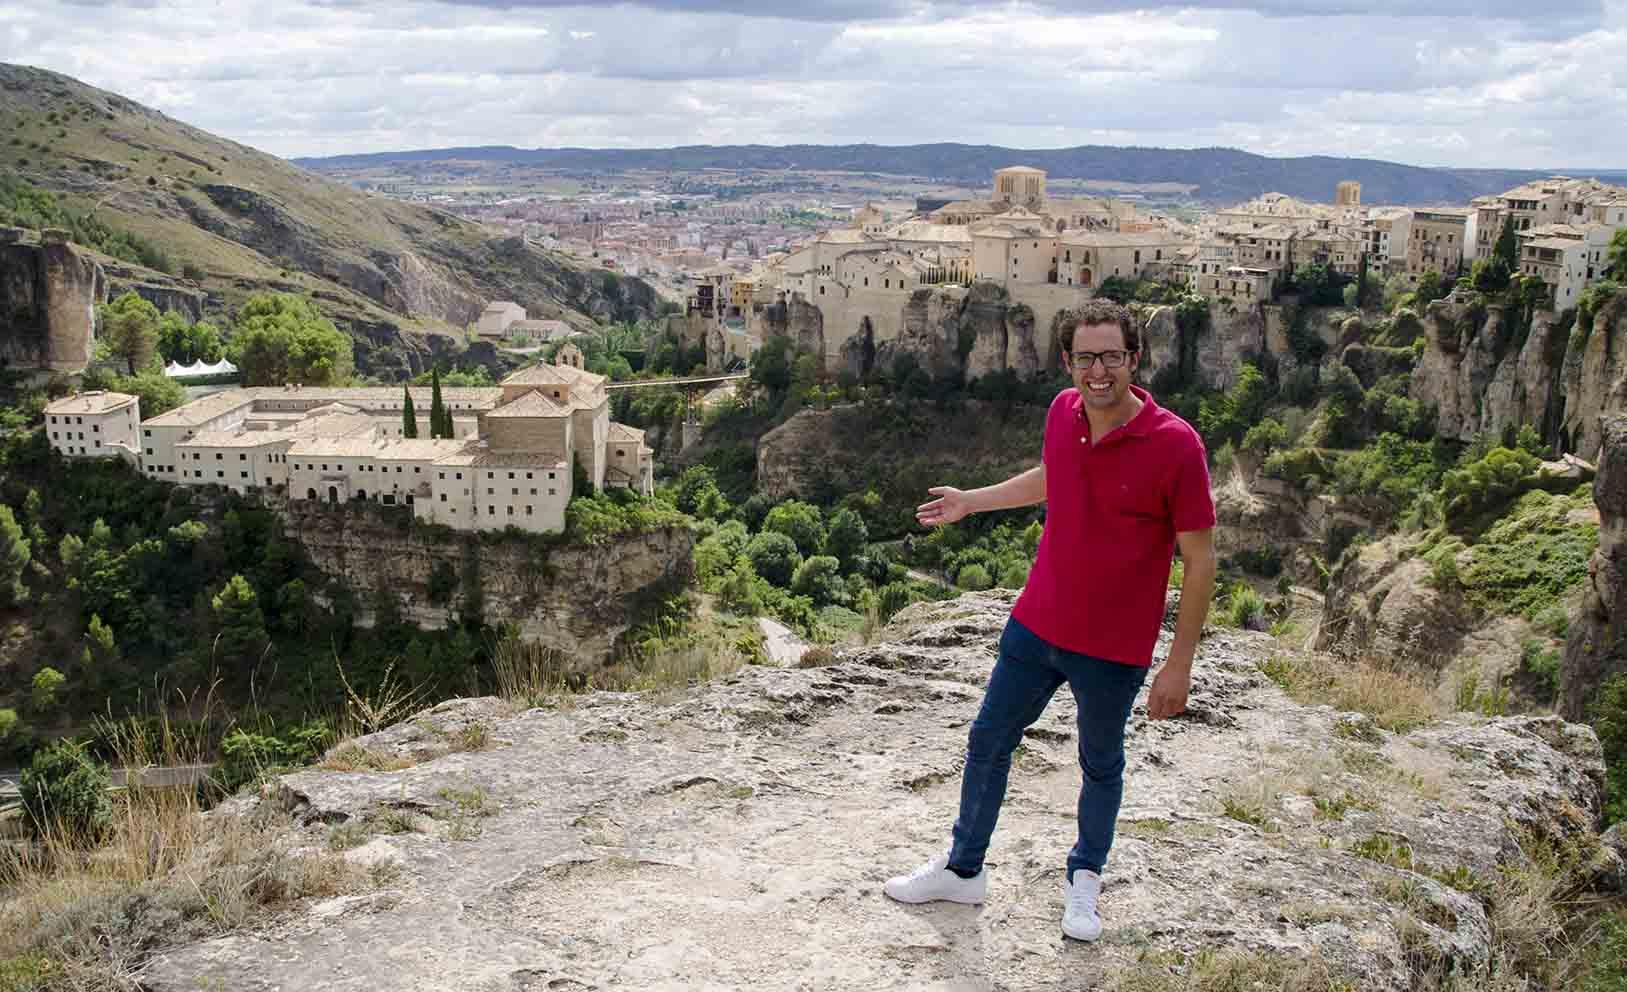 Fran Martínez, concursante de Masterchef 9, nos enseña Cuenca en esta información.